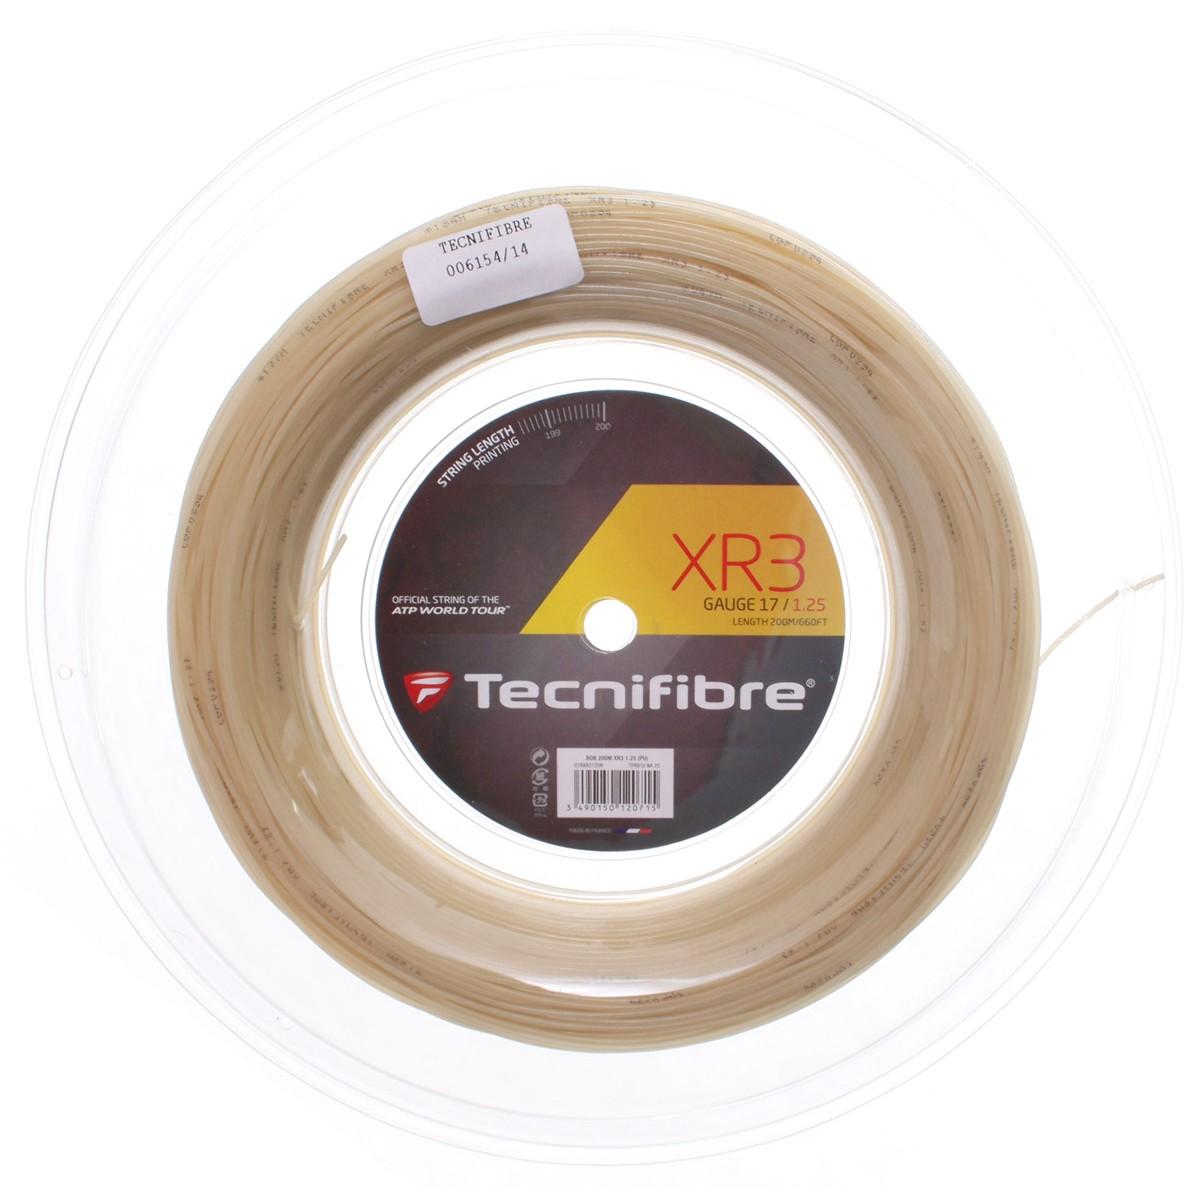 BOBINE TECNIFIBRE XR3 (200 METRES)